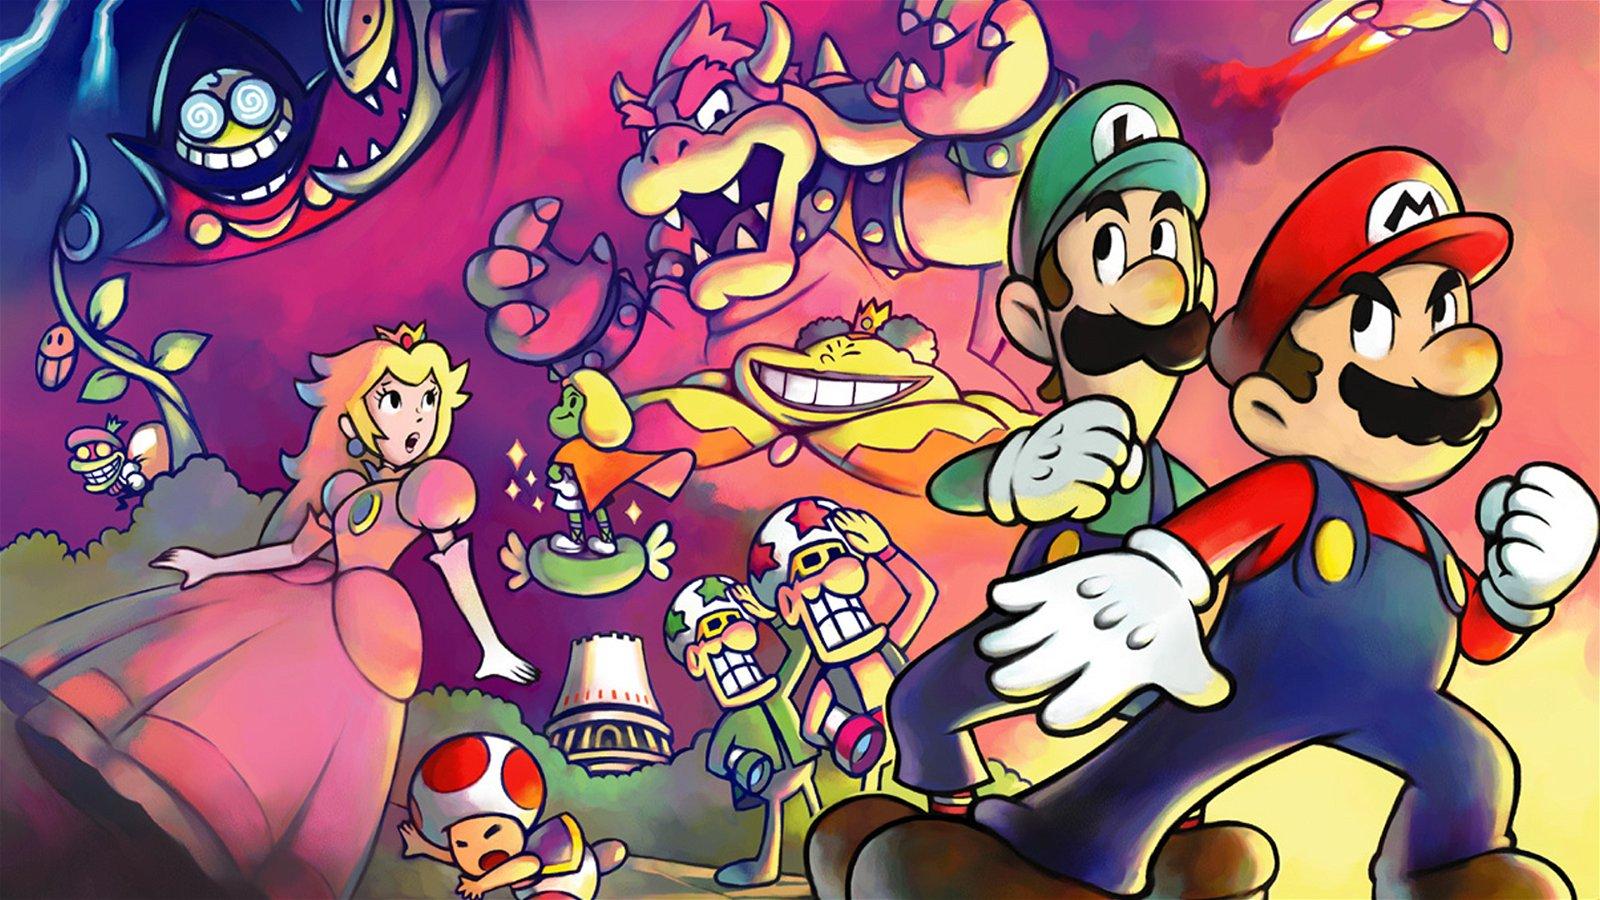 Rumor: Nintendo to Announce Mario & Luigi: Superstar Saga Remake